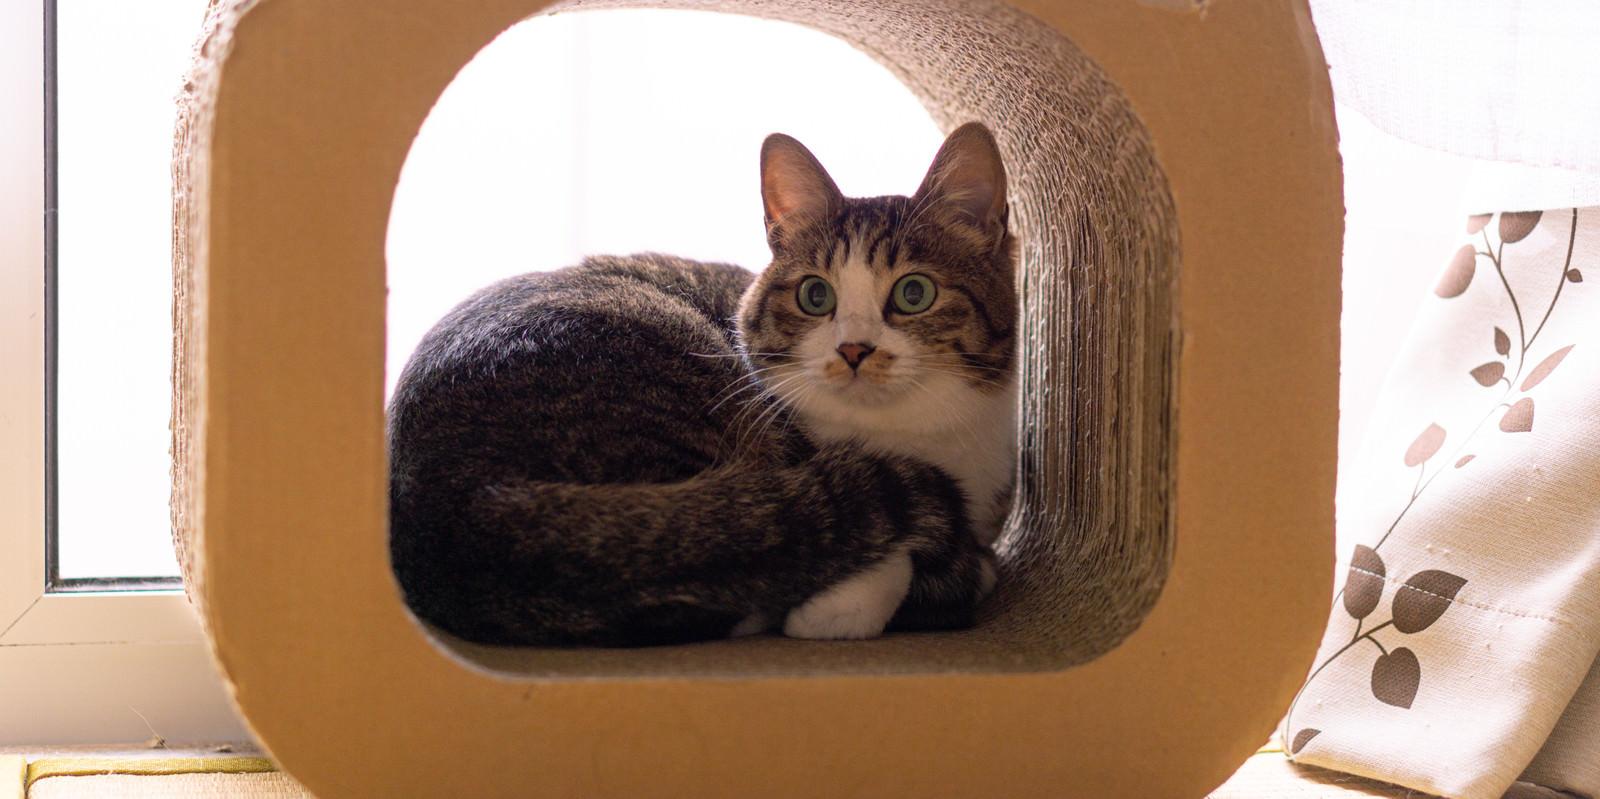 「スクラッチーの中で日向ぼっこする猫」の写真